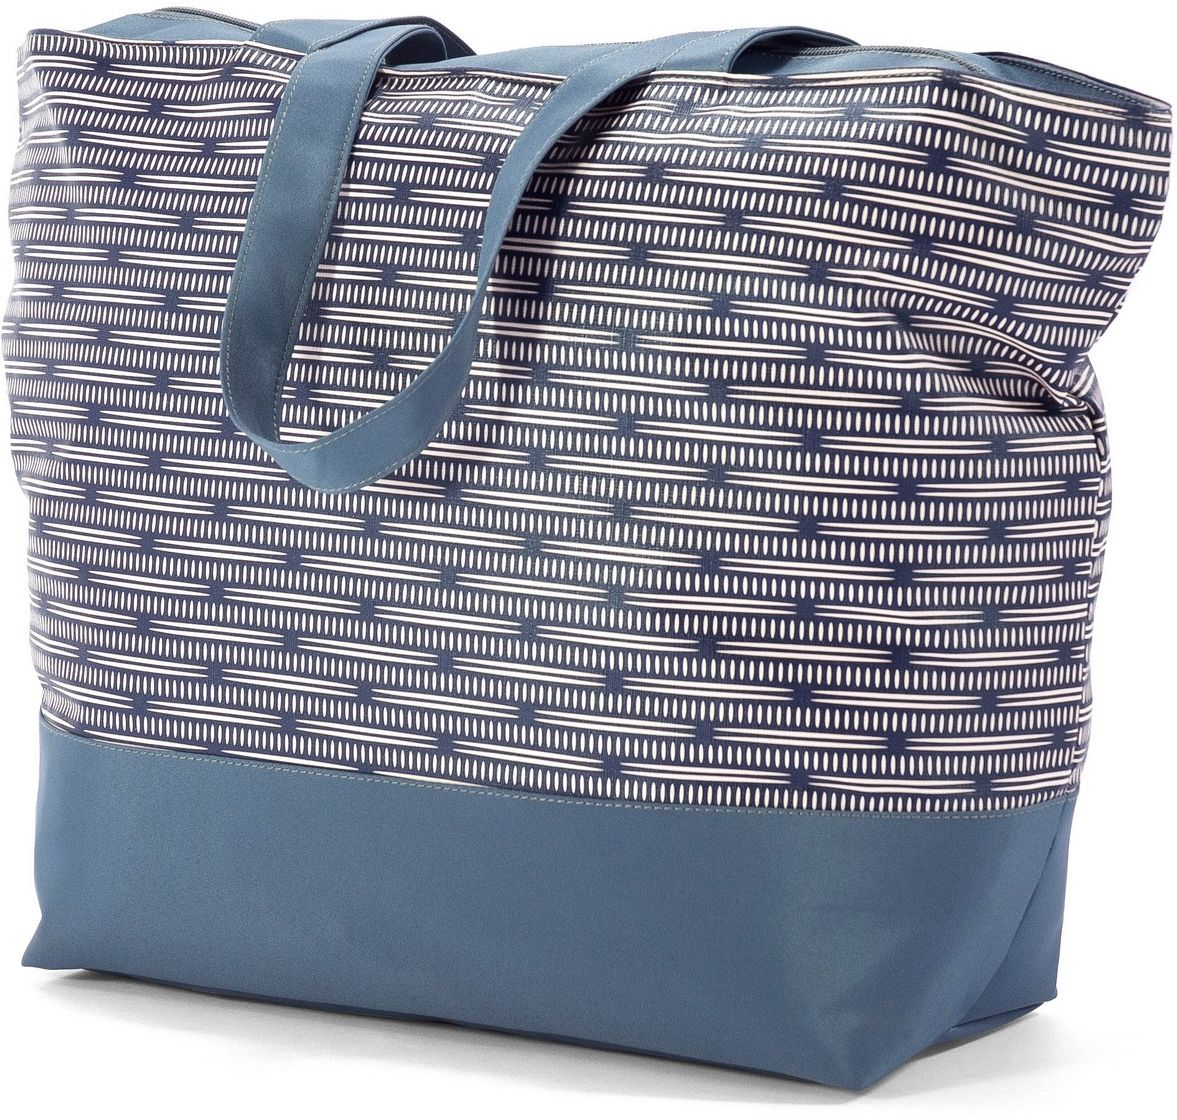 Τσάντα Θαλάσσης Benzi BZ5003 Μπλε/Άσπρο πορτοφολια   αξεσουάρ   αξεσουαρ   τσάντες παραλίας